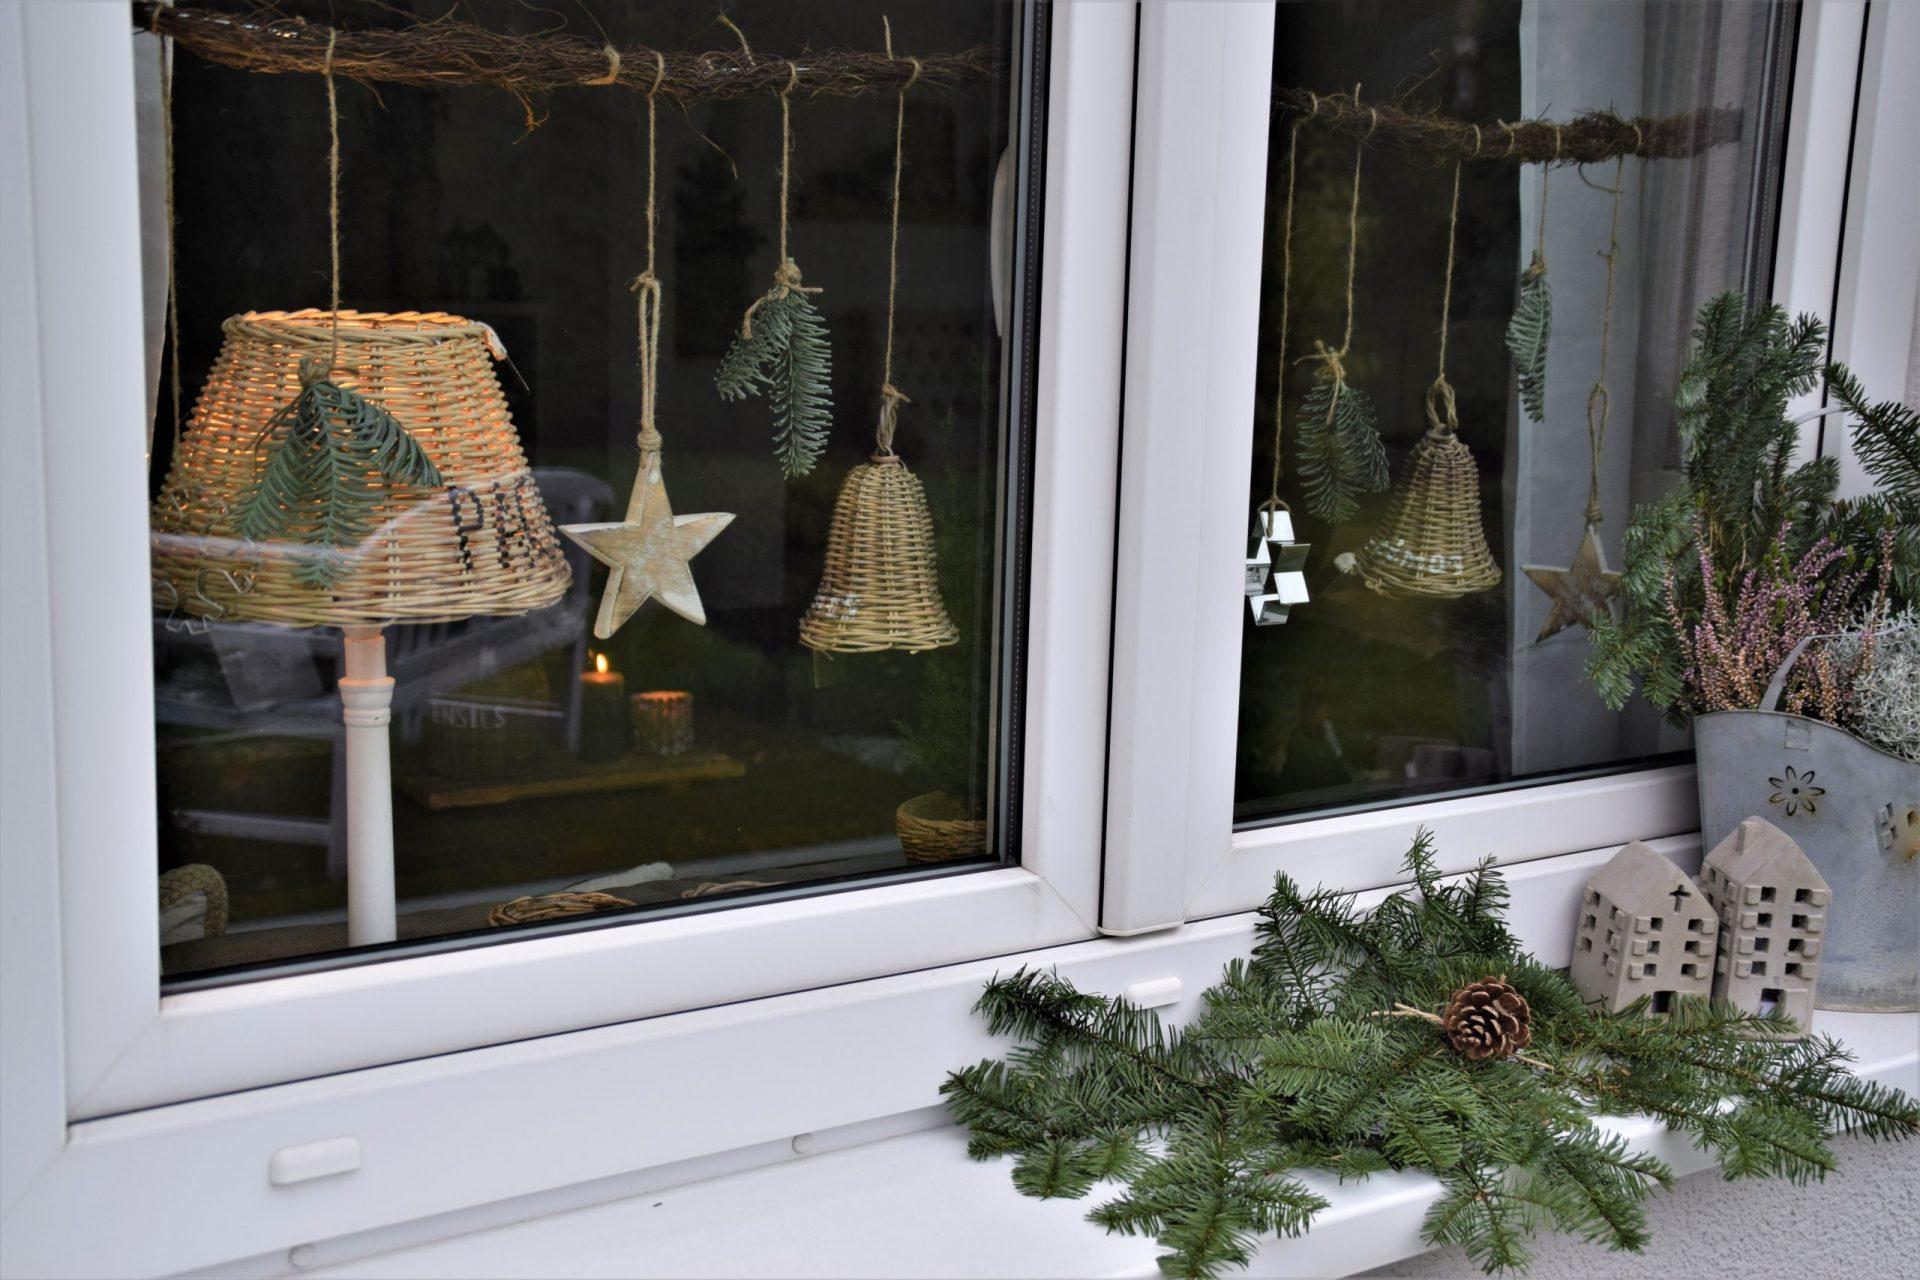 Hilfsmittel Kleiderbügel als Fensterdekoration